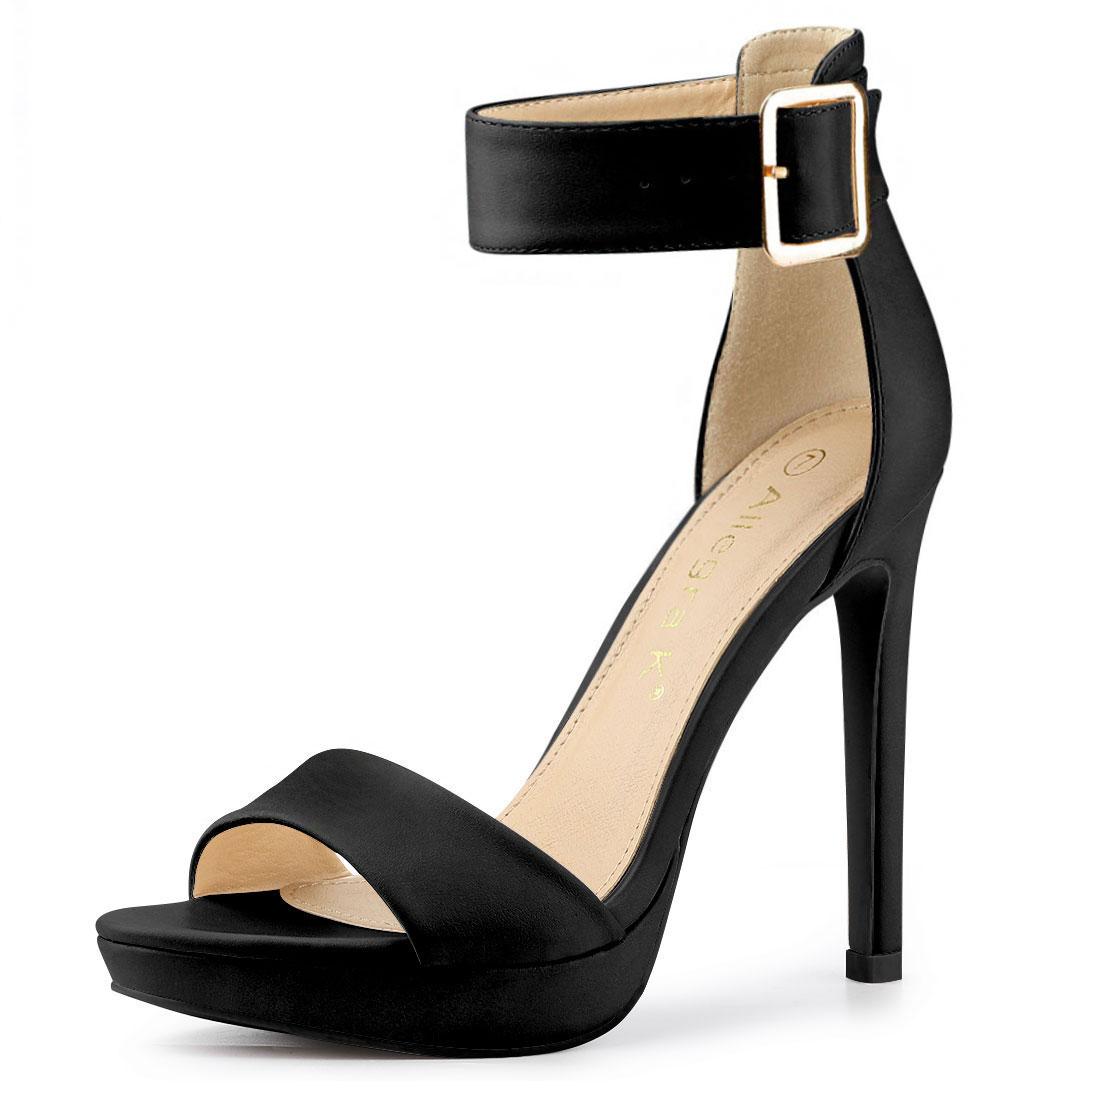 Allegra K Women's Open Toe Platform Strap Stiletto Heel Sandals Black US 10